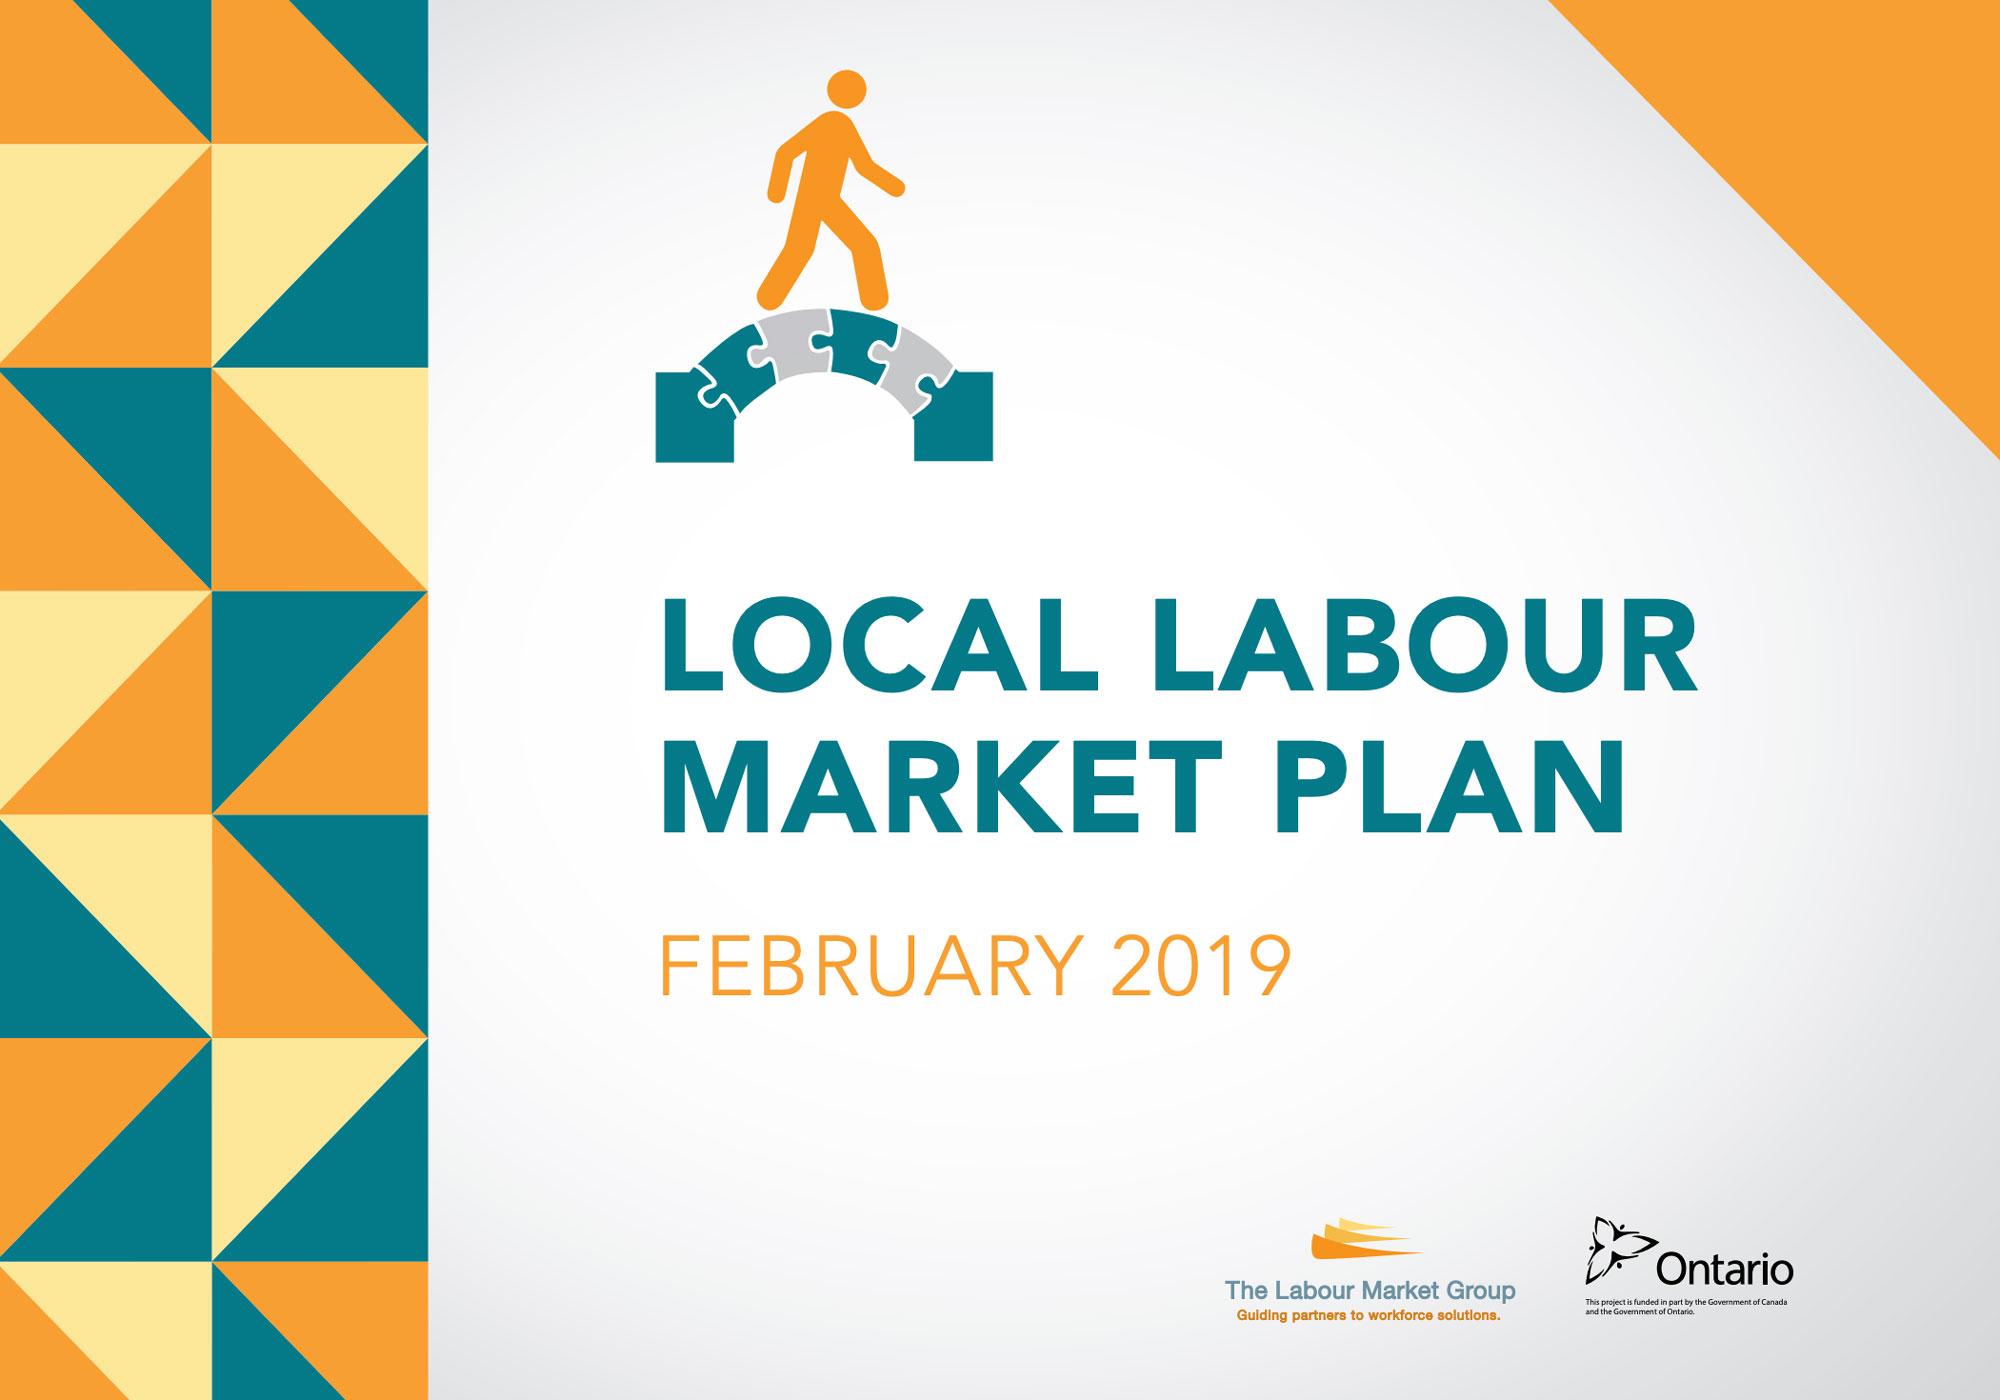 2019 Local Labour Market Plan